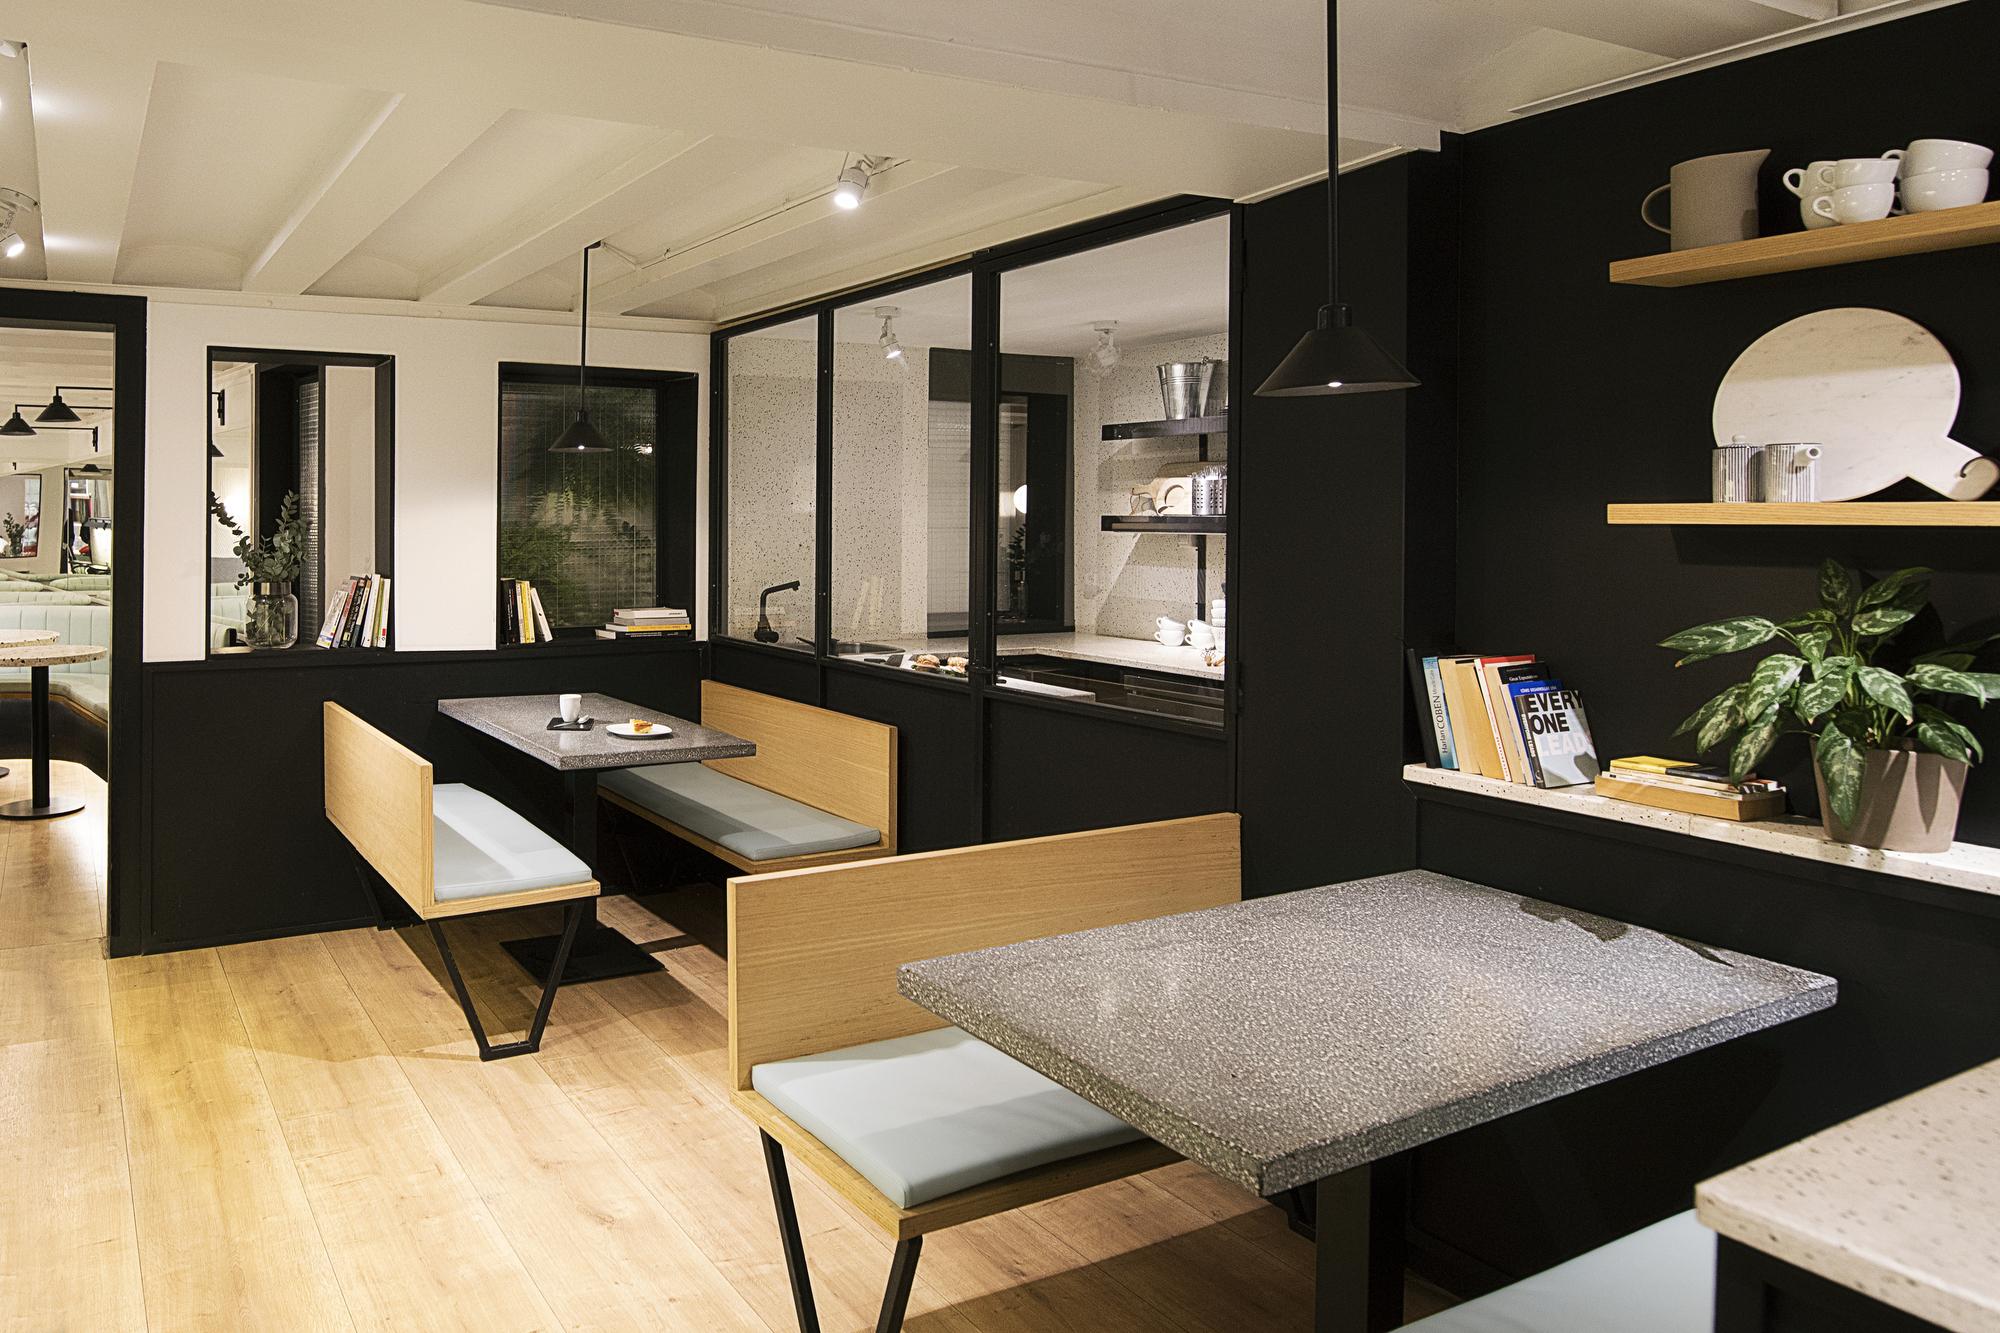 Galer a de parisienne miriam barrio estudio 2 - Miriam barrio ...